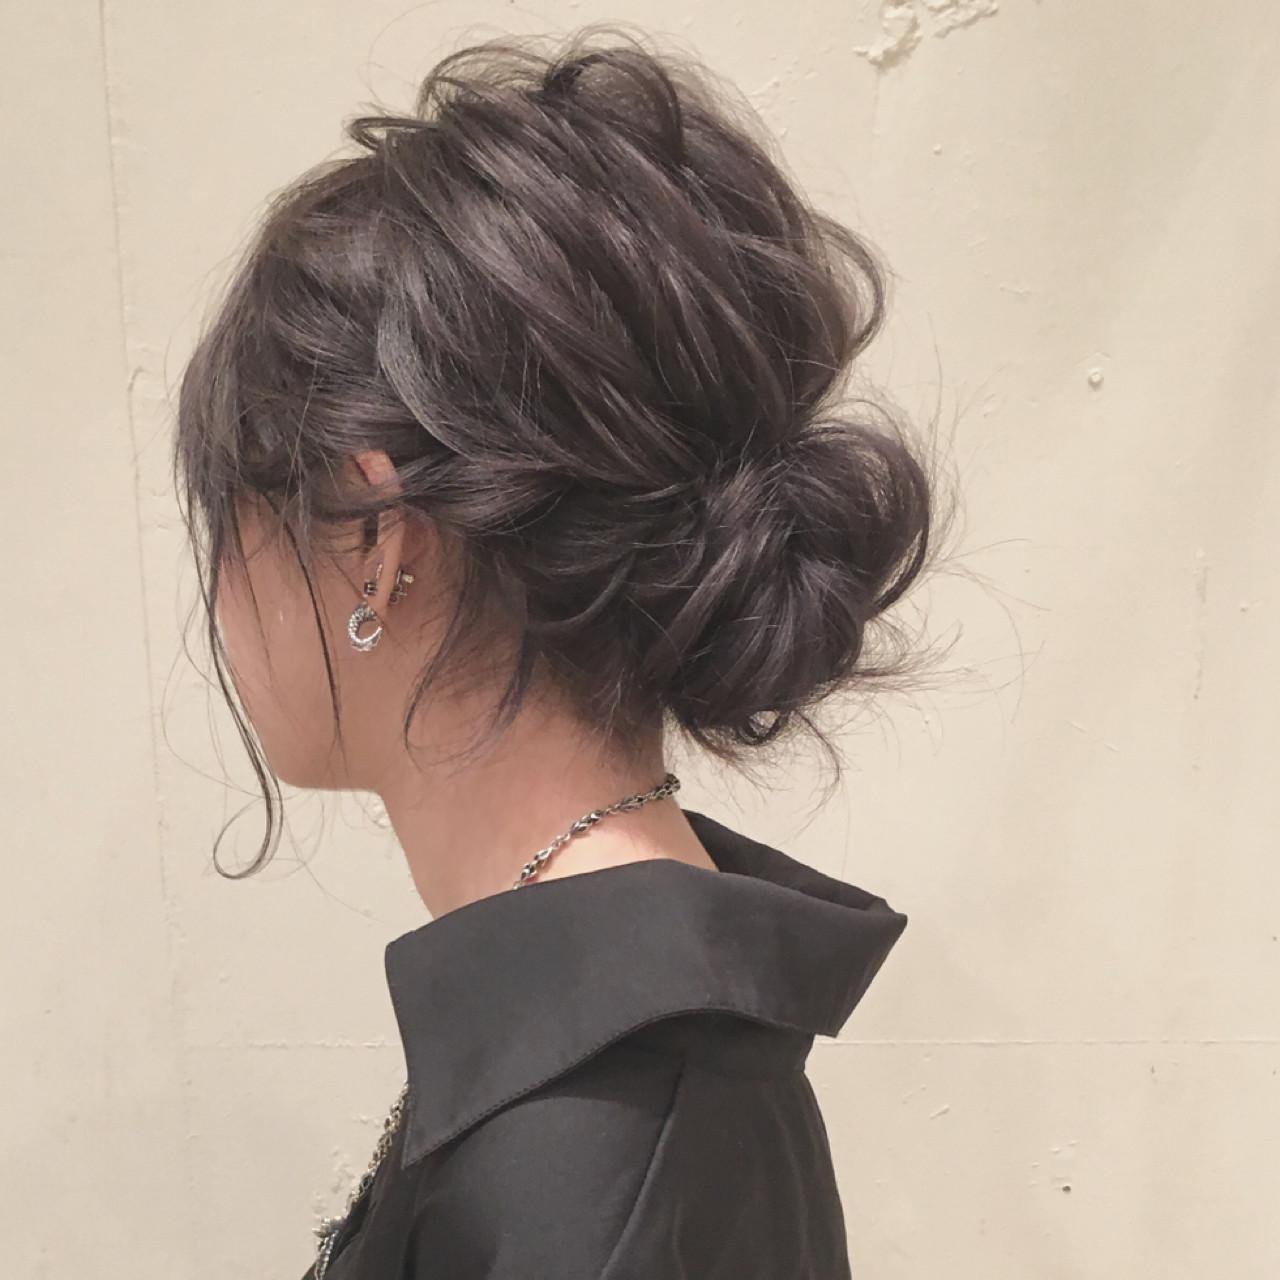 シニヨン ナチュラル 大人かわいい ロング ヘアスタイルや髪型の写真・画像